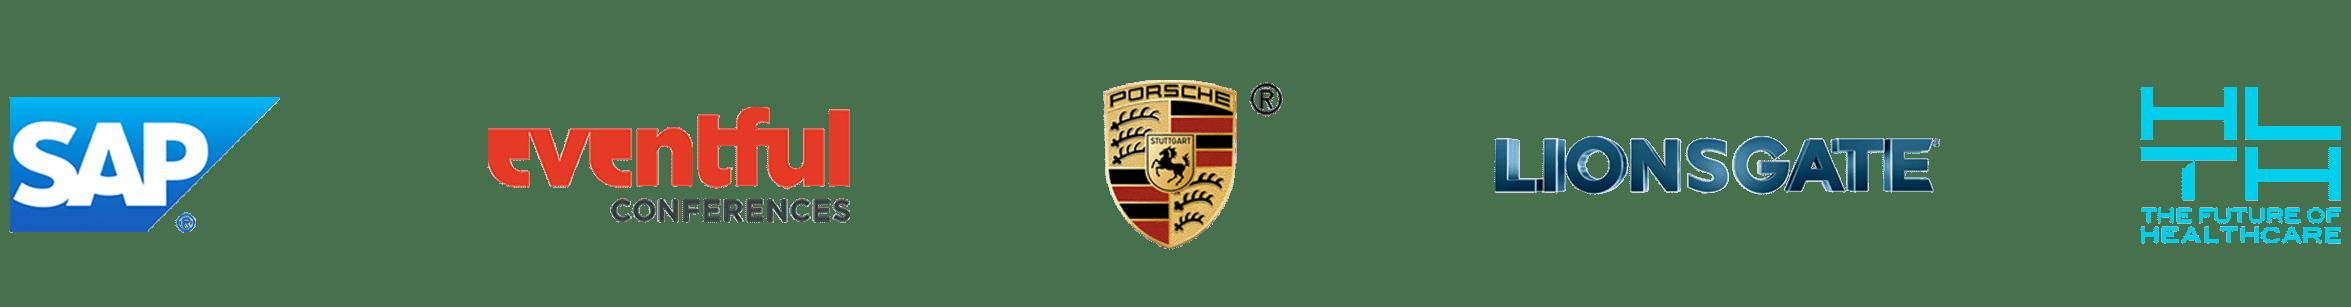 Clarity Experiences Family Brands - Porsche, SAP, Lionsgate, HLTH